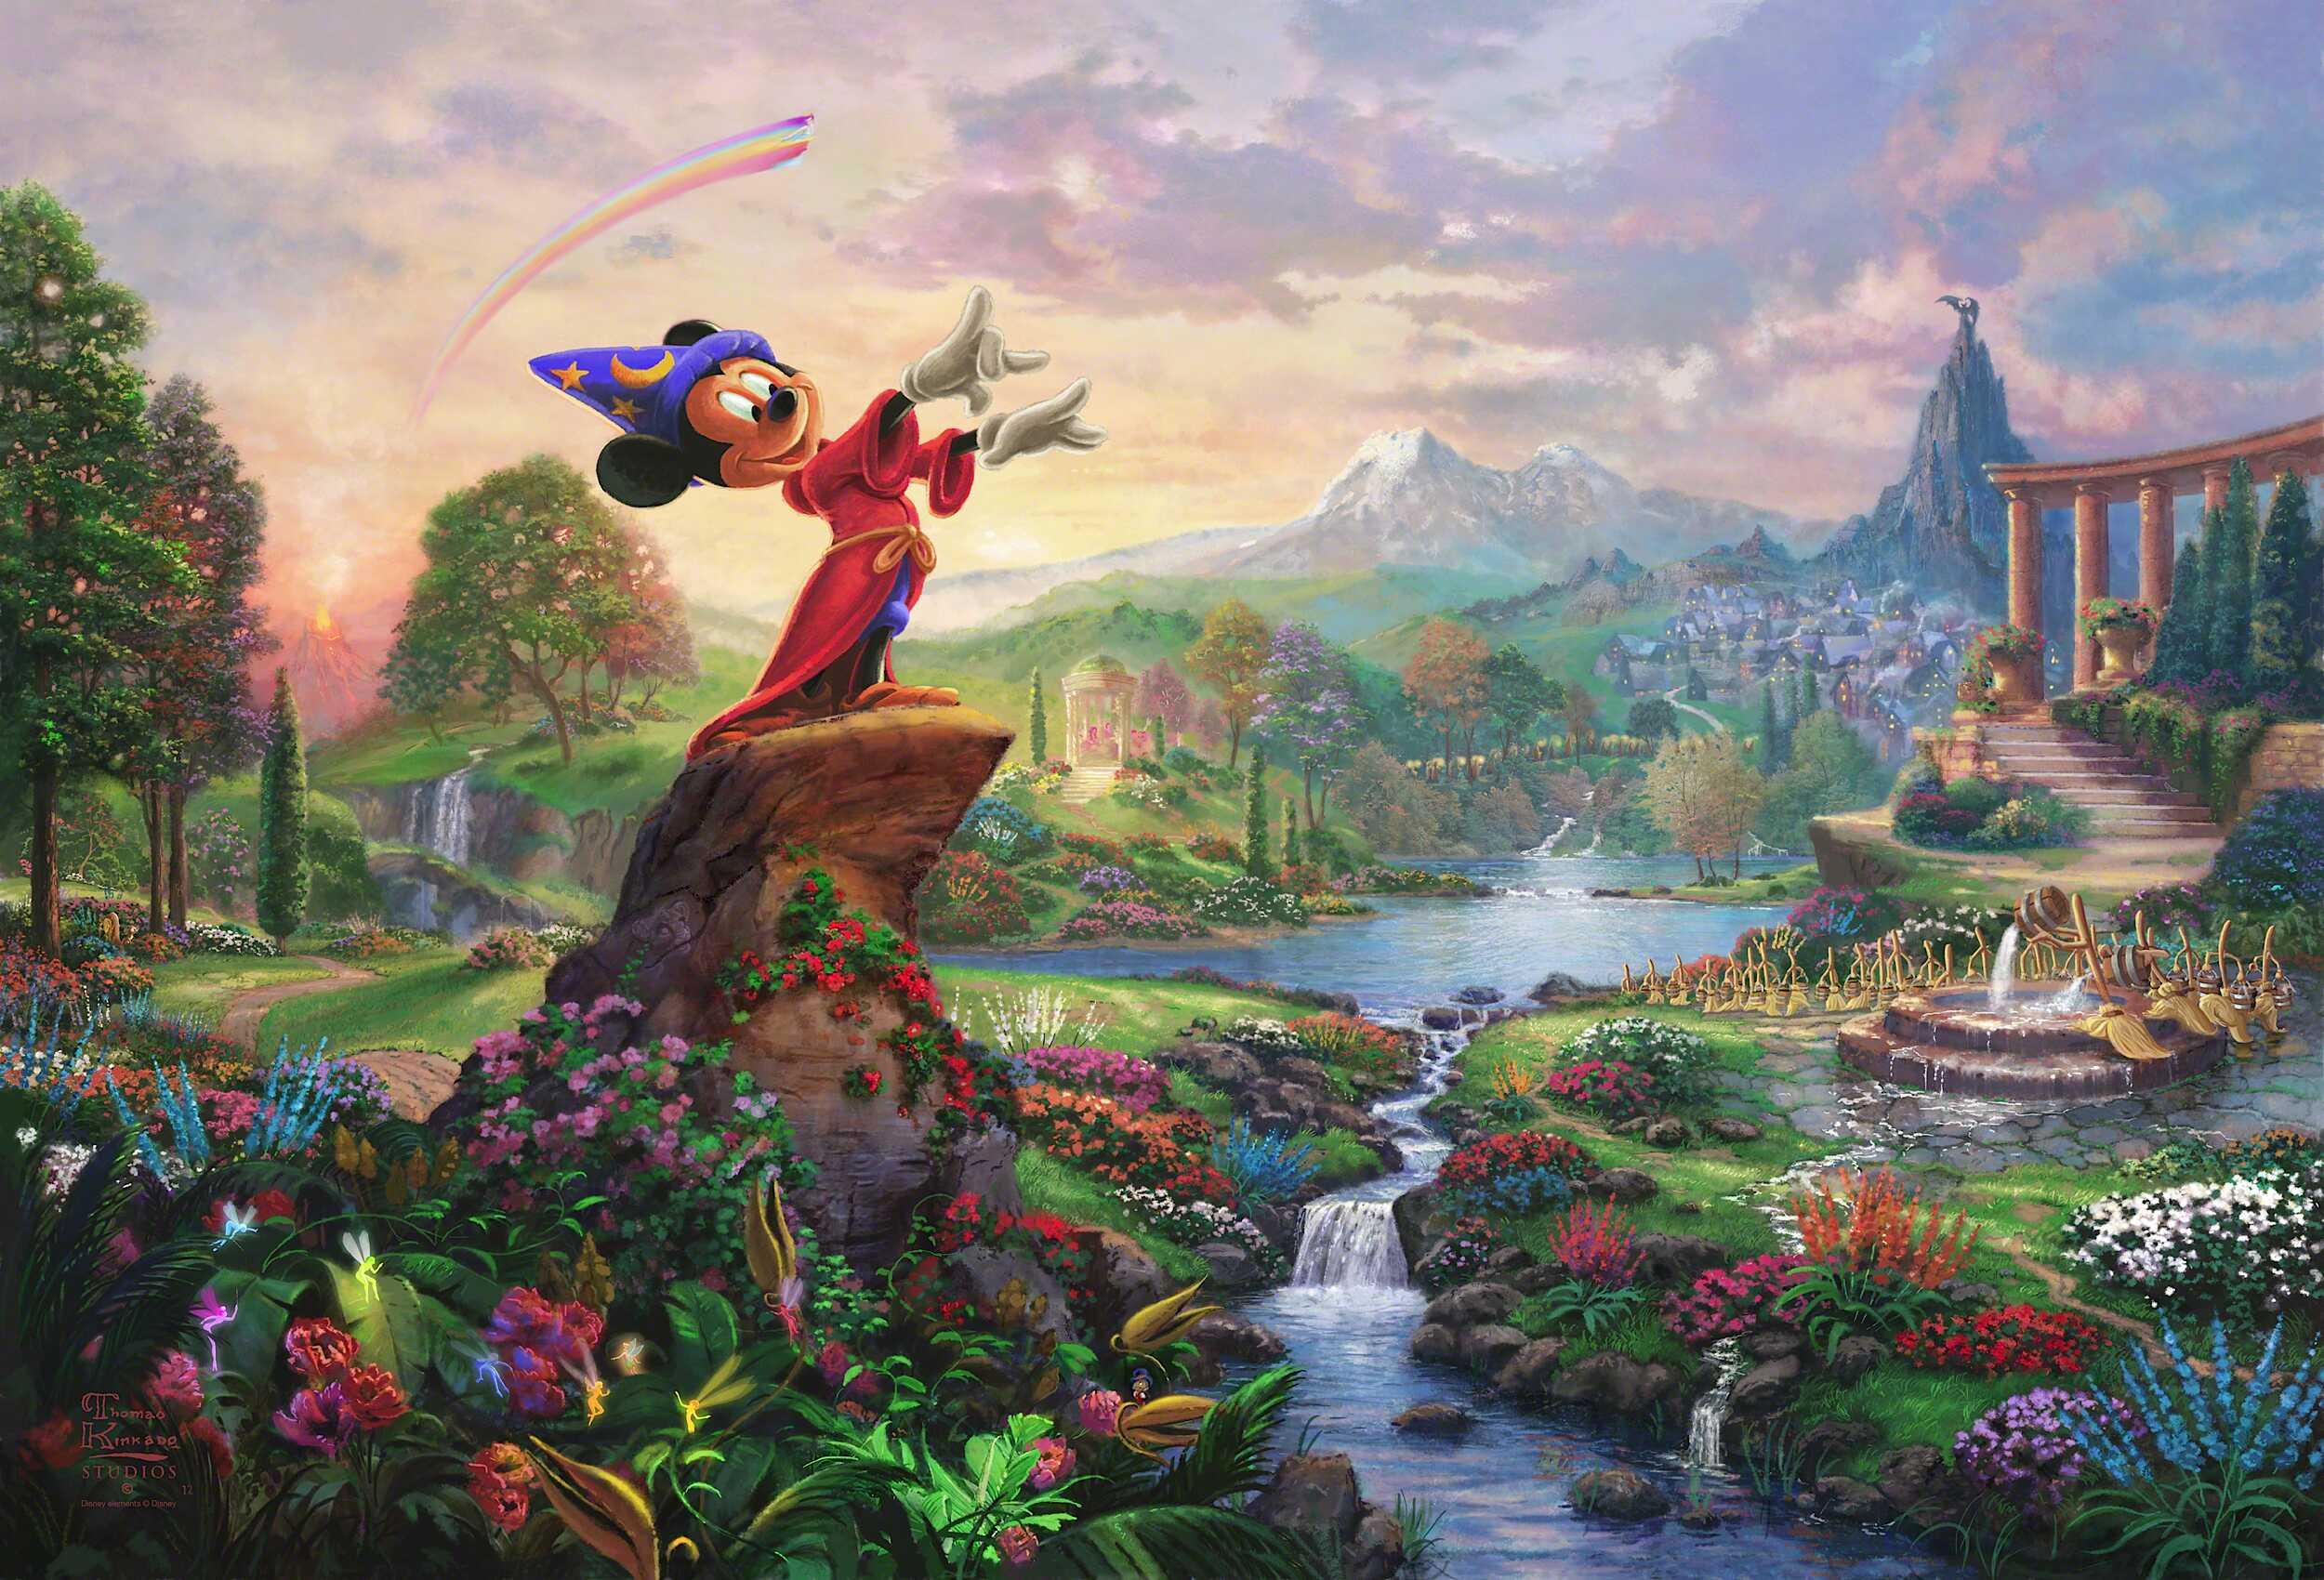 Disney 2500x1700